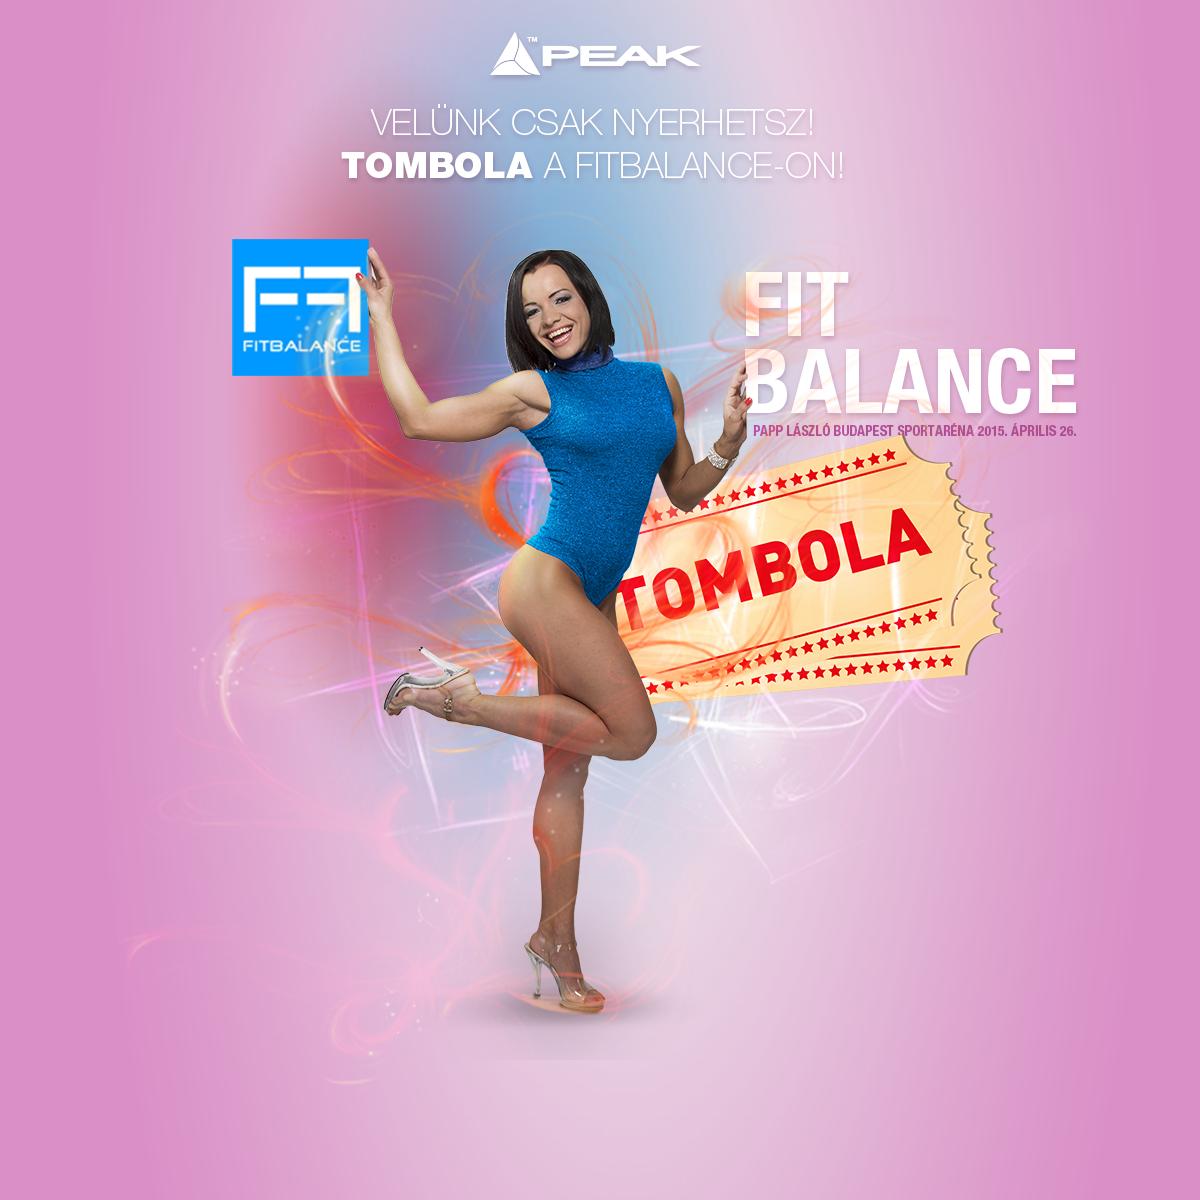 tombola-fitbalance